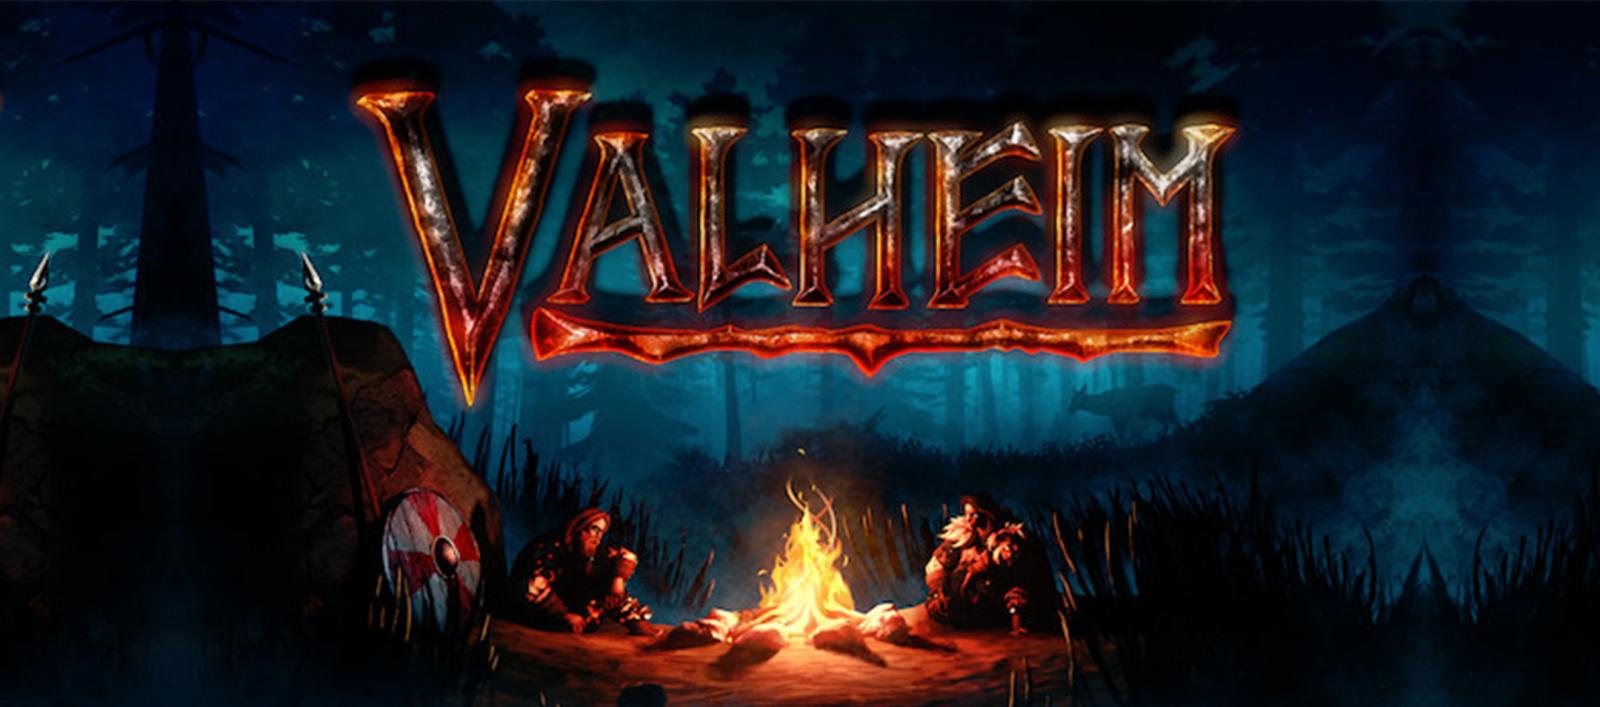 Valheim wallpaper